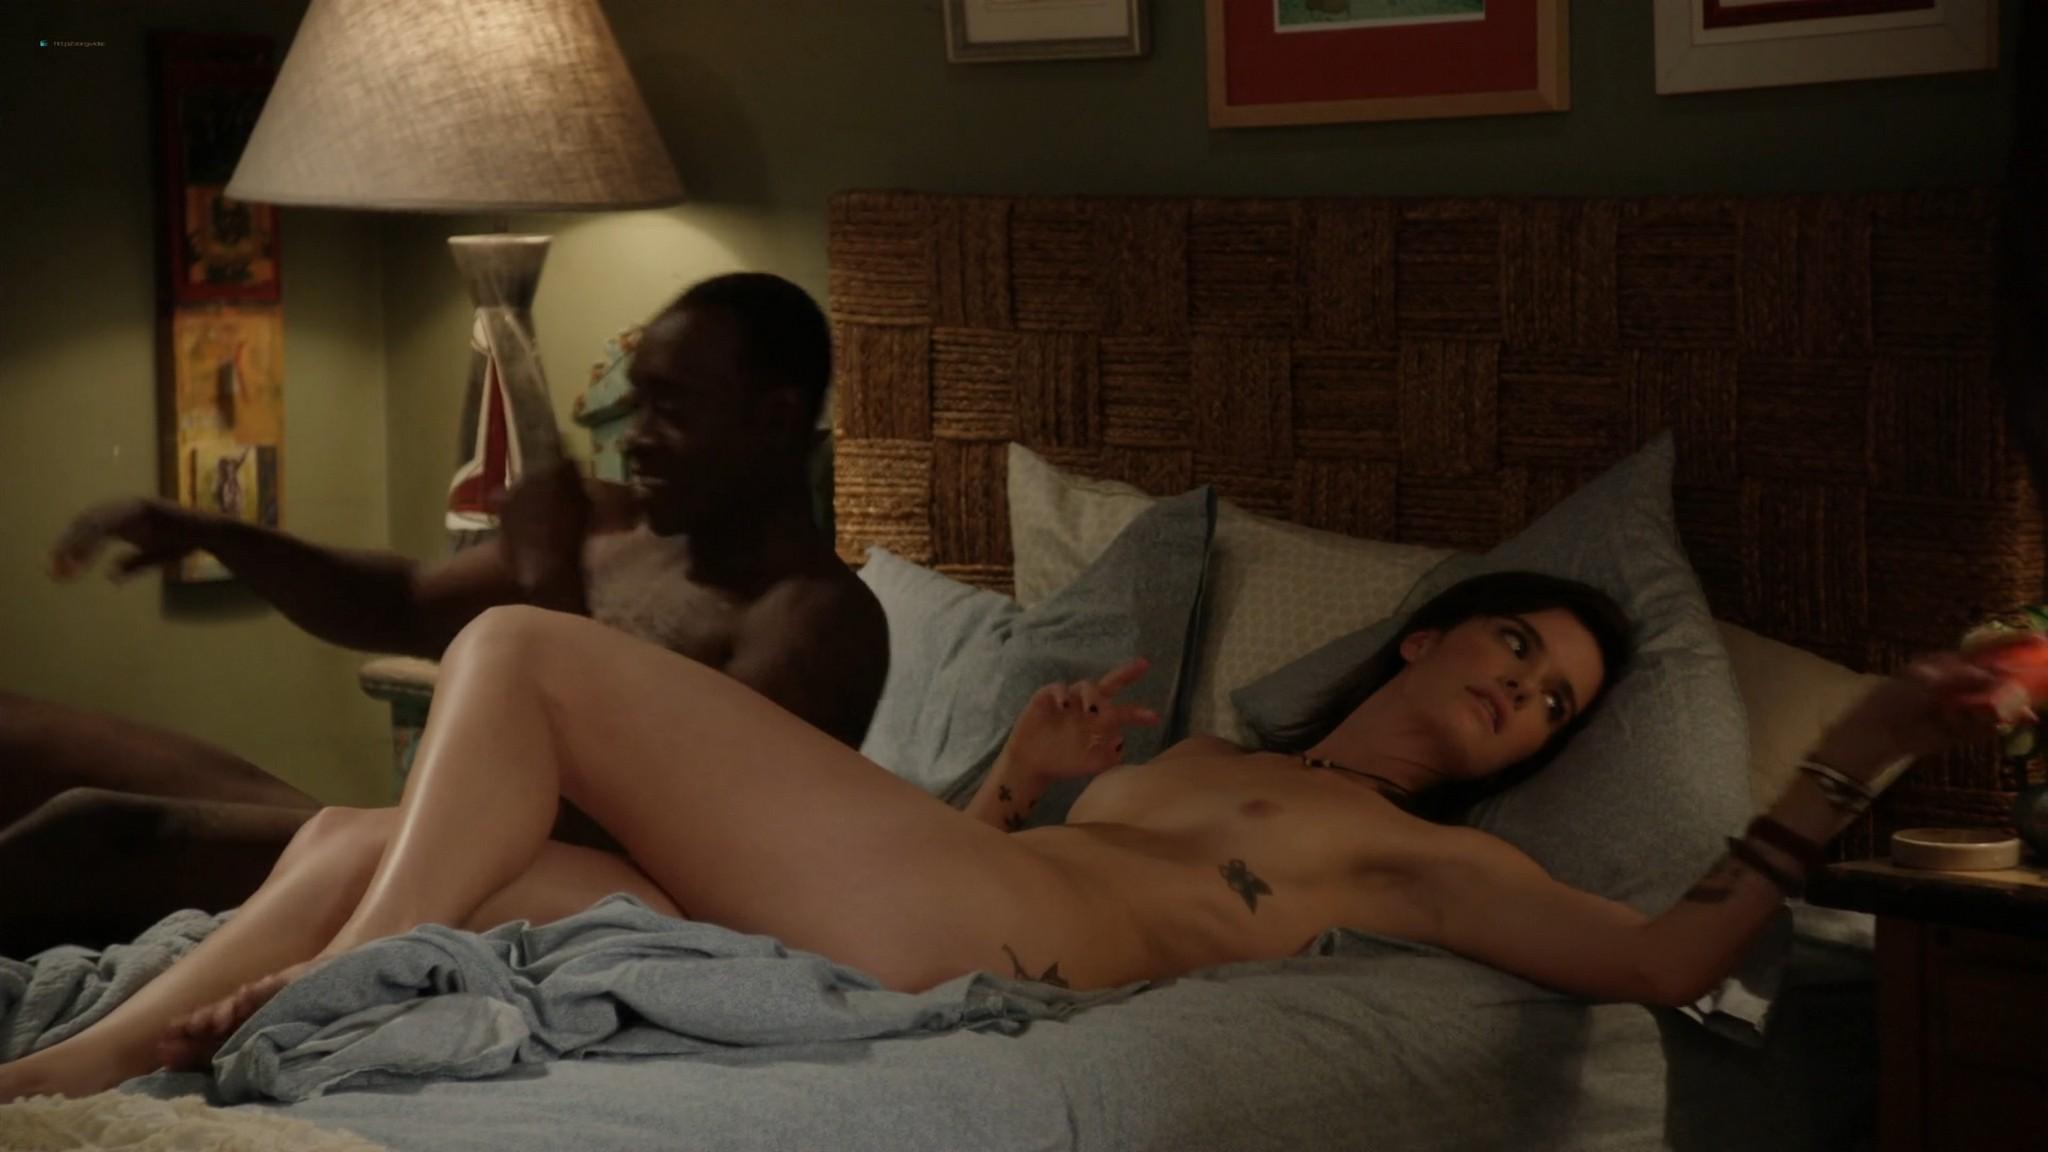 Anna Wood nude sex Kristen Bell hot House of Lies 2012 s1e8 12 1080p Web 14